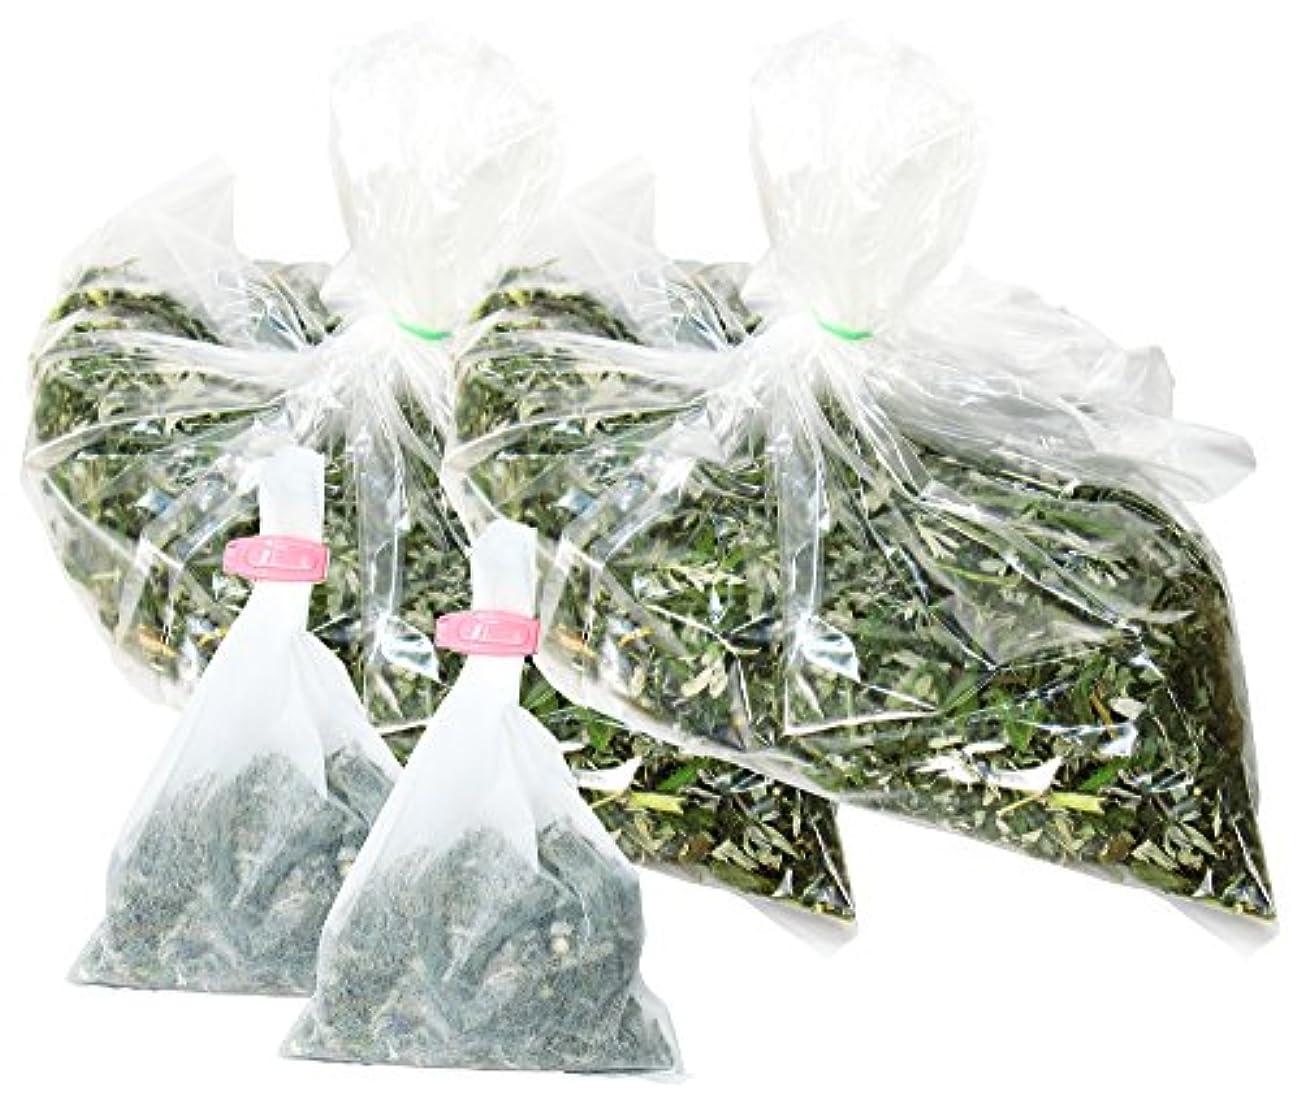 パーチナシティパブダブル自然健康社 よもぎ蒸しのよもぎ 250g×2個 乾燥刻み 煮出し袋20枚付